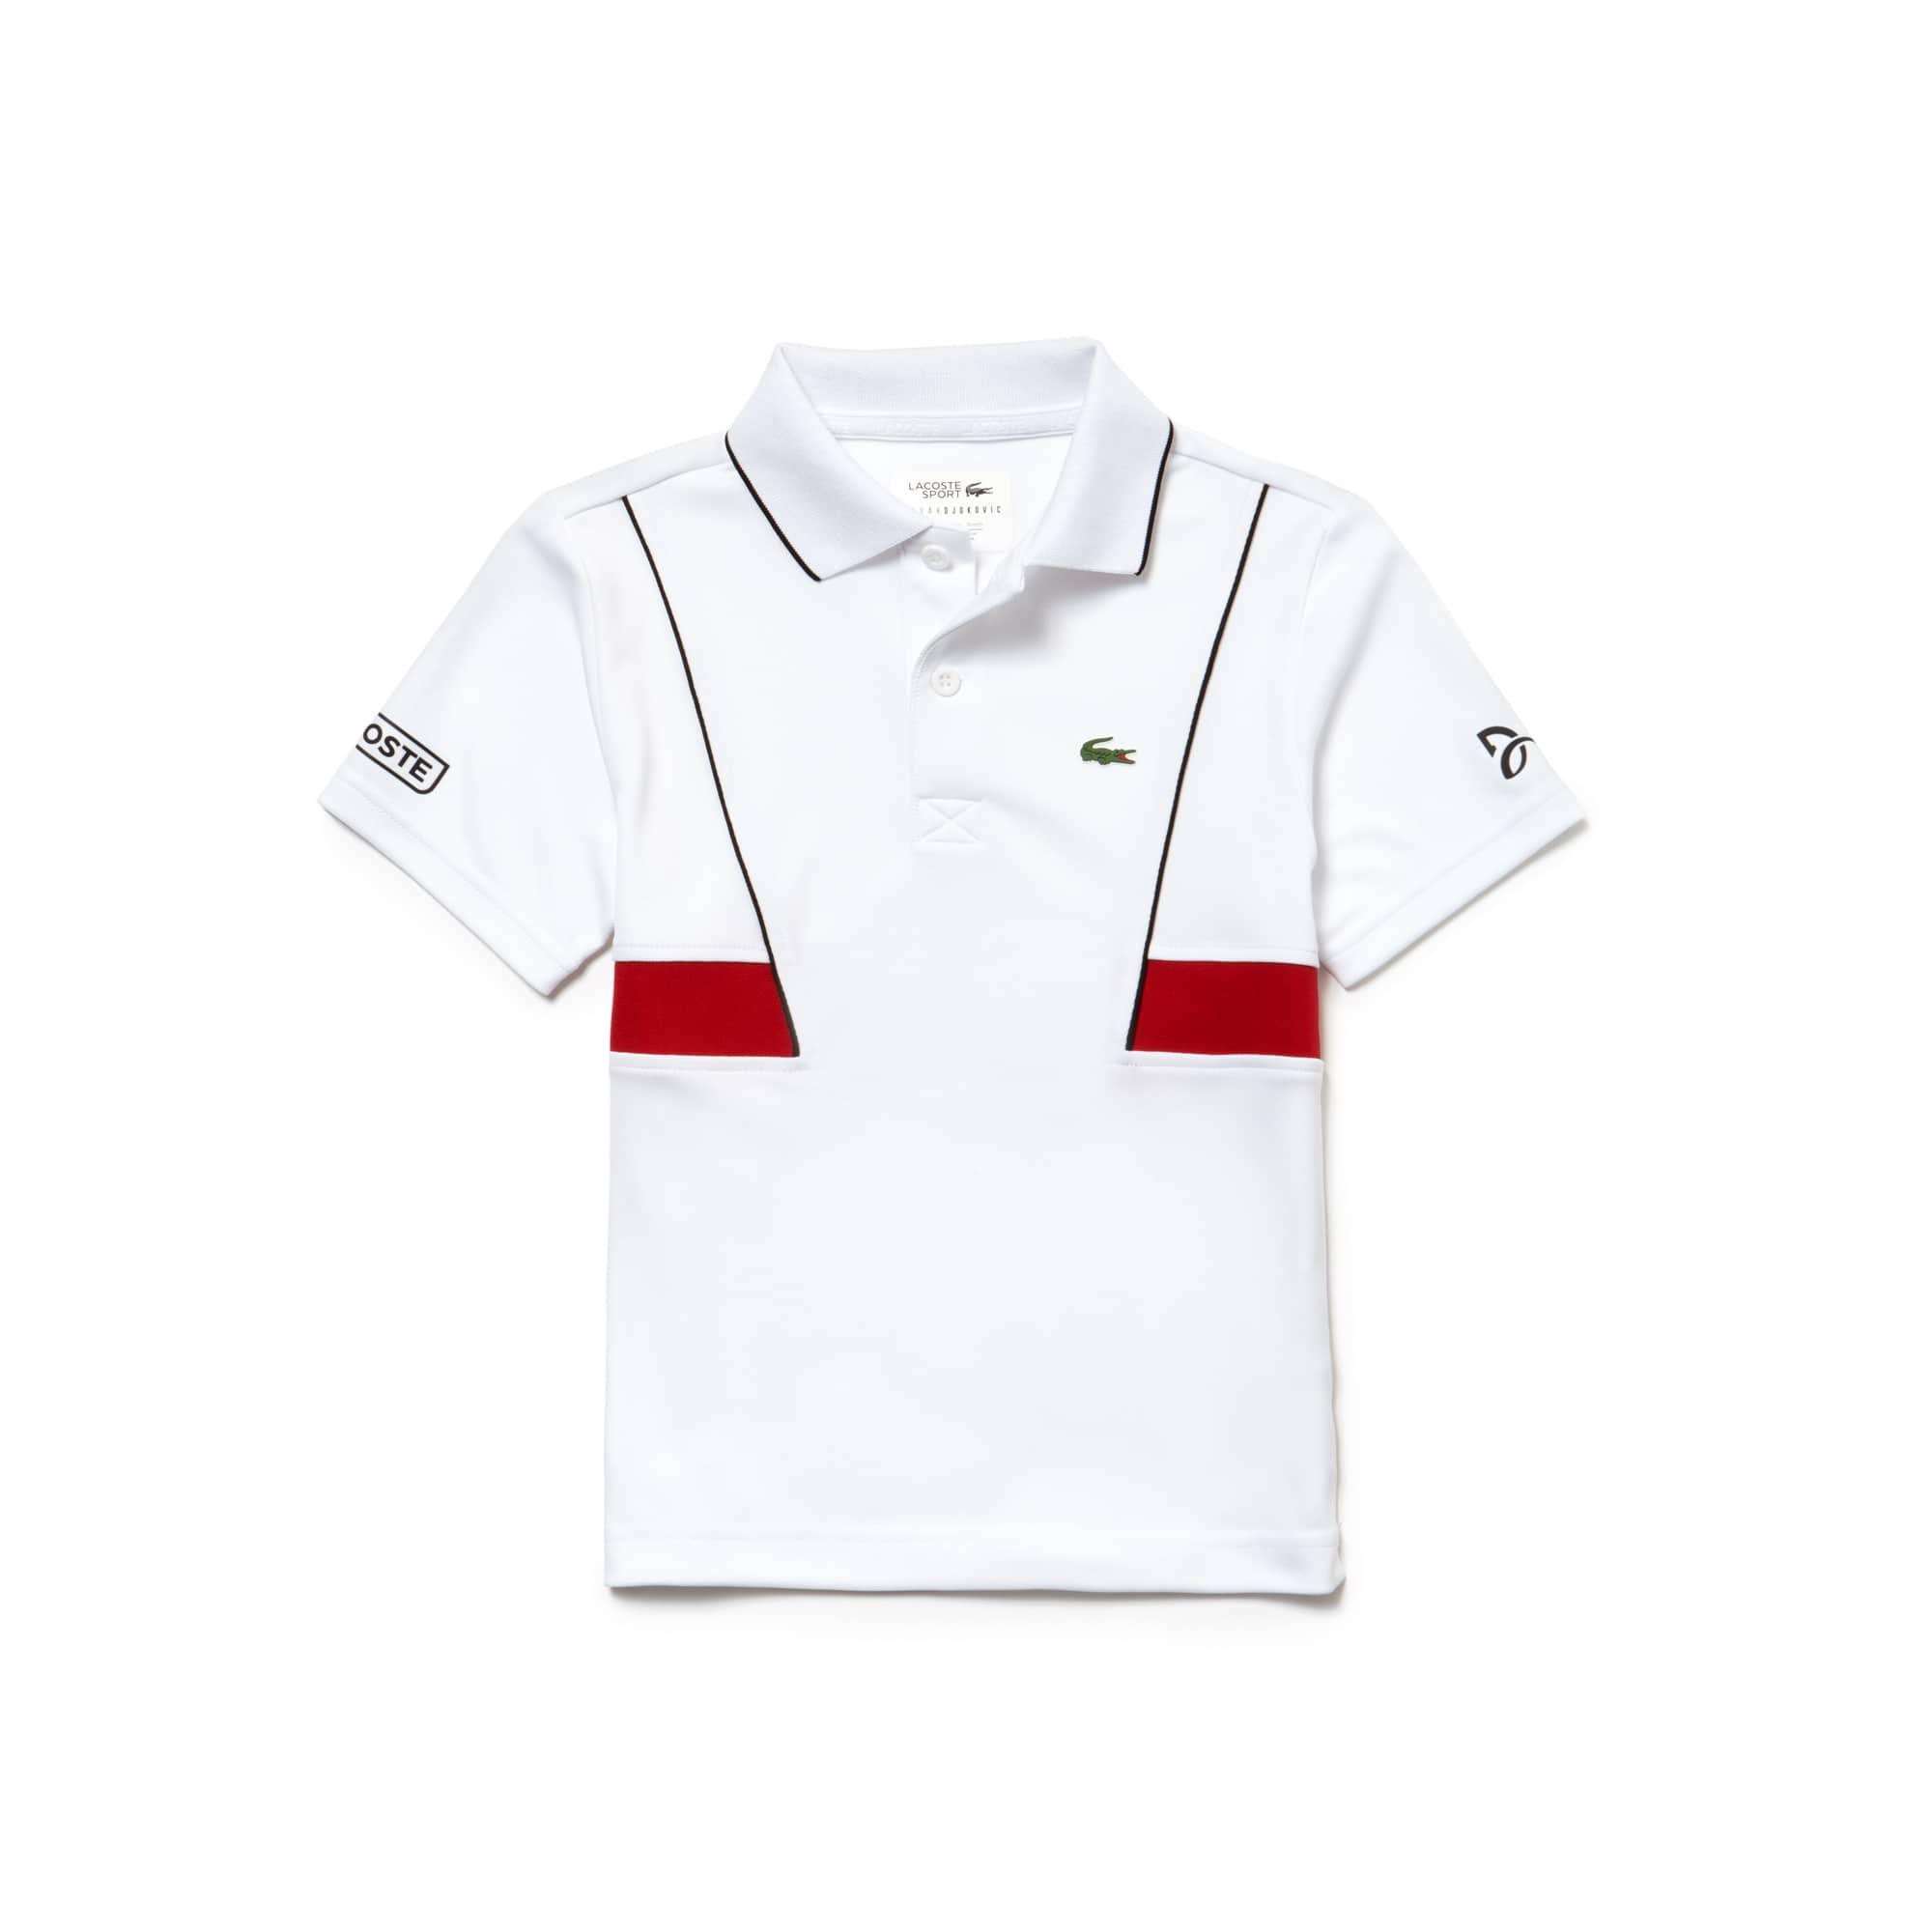 Boys' LACOSTE SPORT NOVAK DJOKOVIC COLLECTION Technical Piqué Polo Shirt